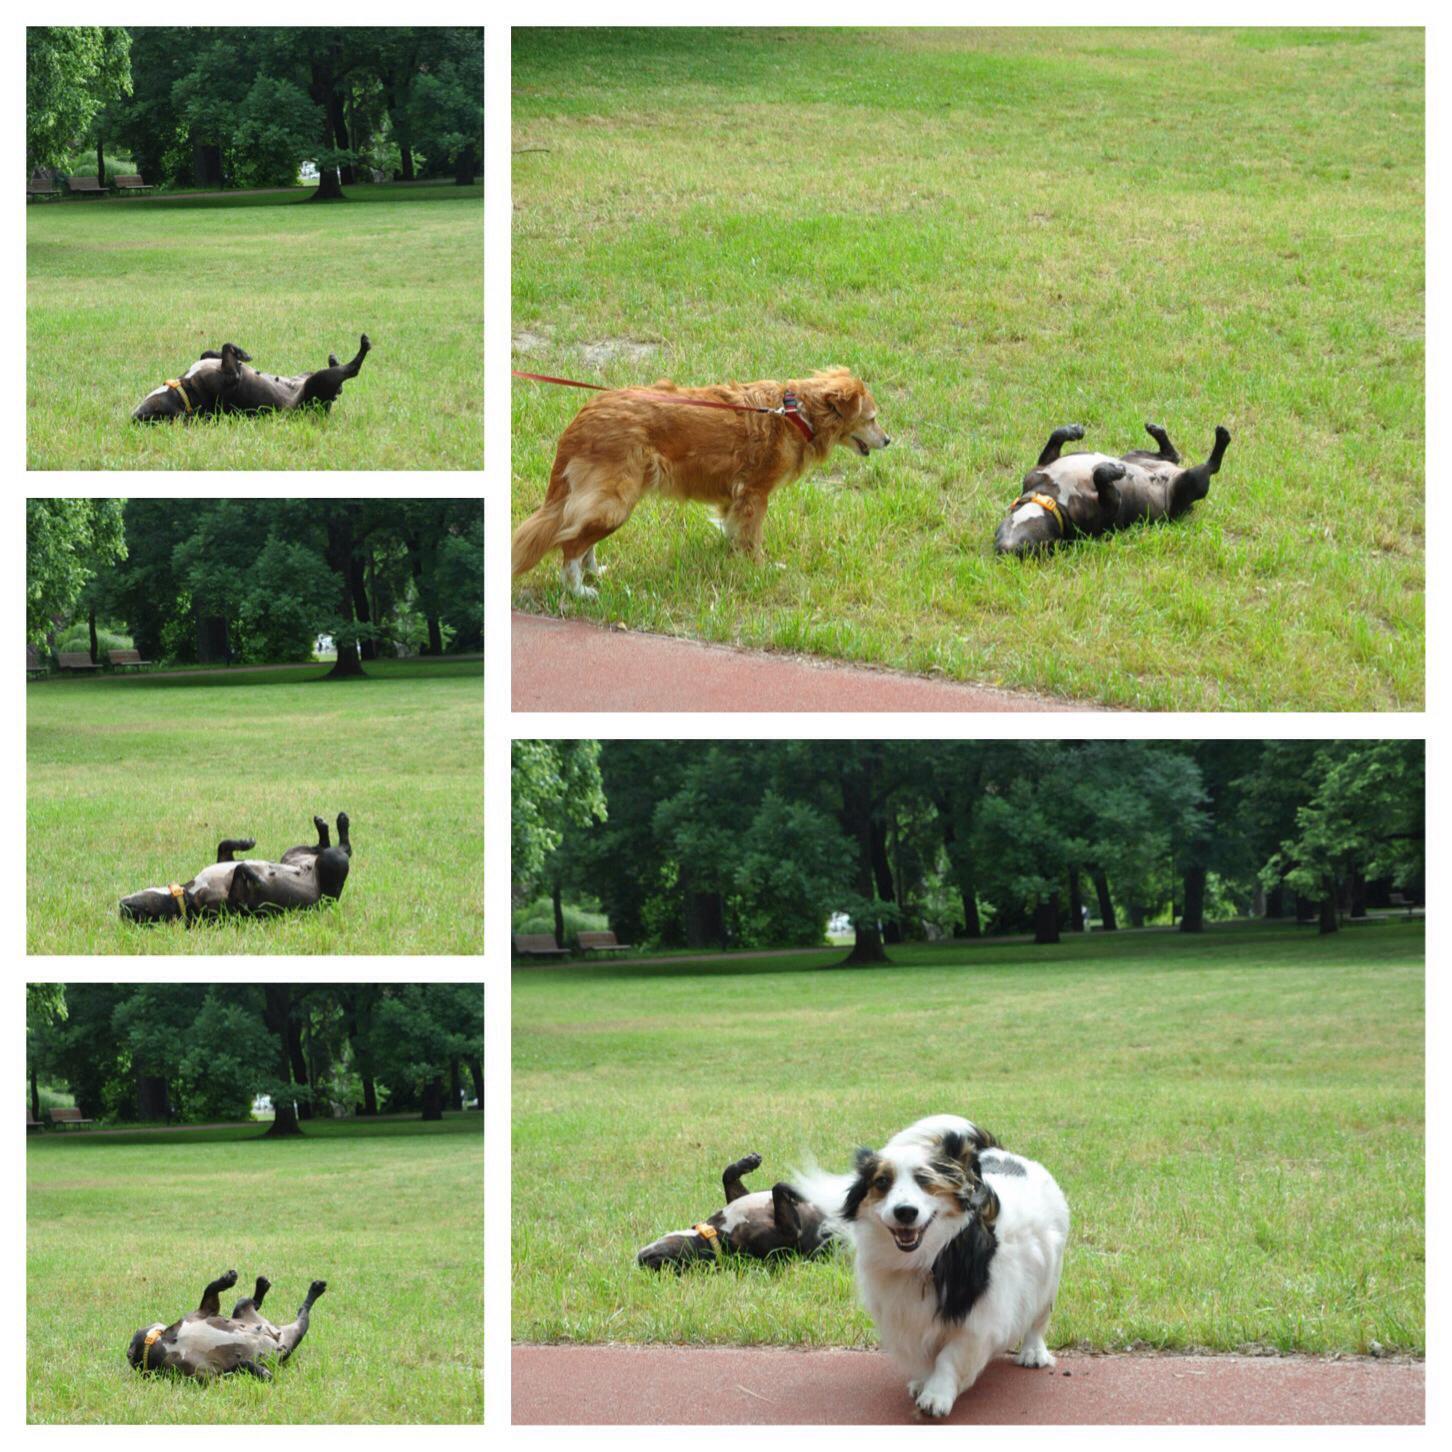 burcu_ozcan_cat&dog_dergisi_chihuahua_mira_diaryofburcu_cat_and_dog_magazine (7)